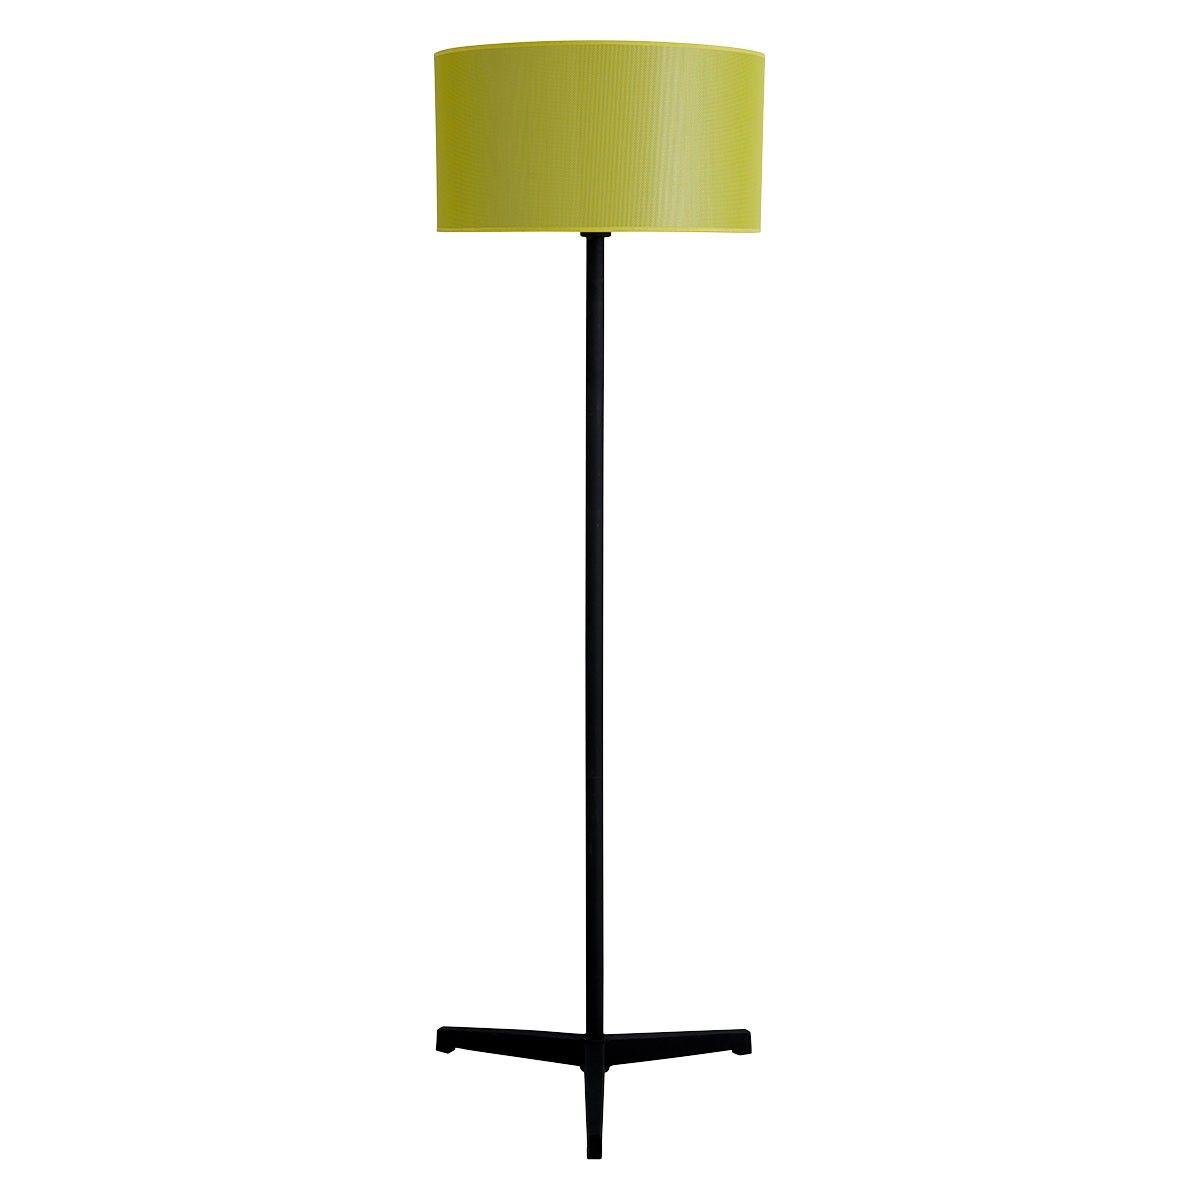 Ramsgate Black Metal Floor Lamp With Yellow Mesh Shade Black Metal Floor Lamp Metal Floor Lamps Lamp